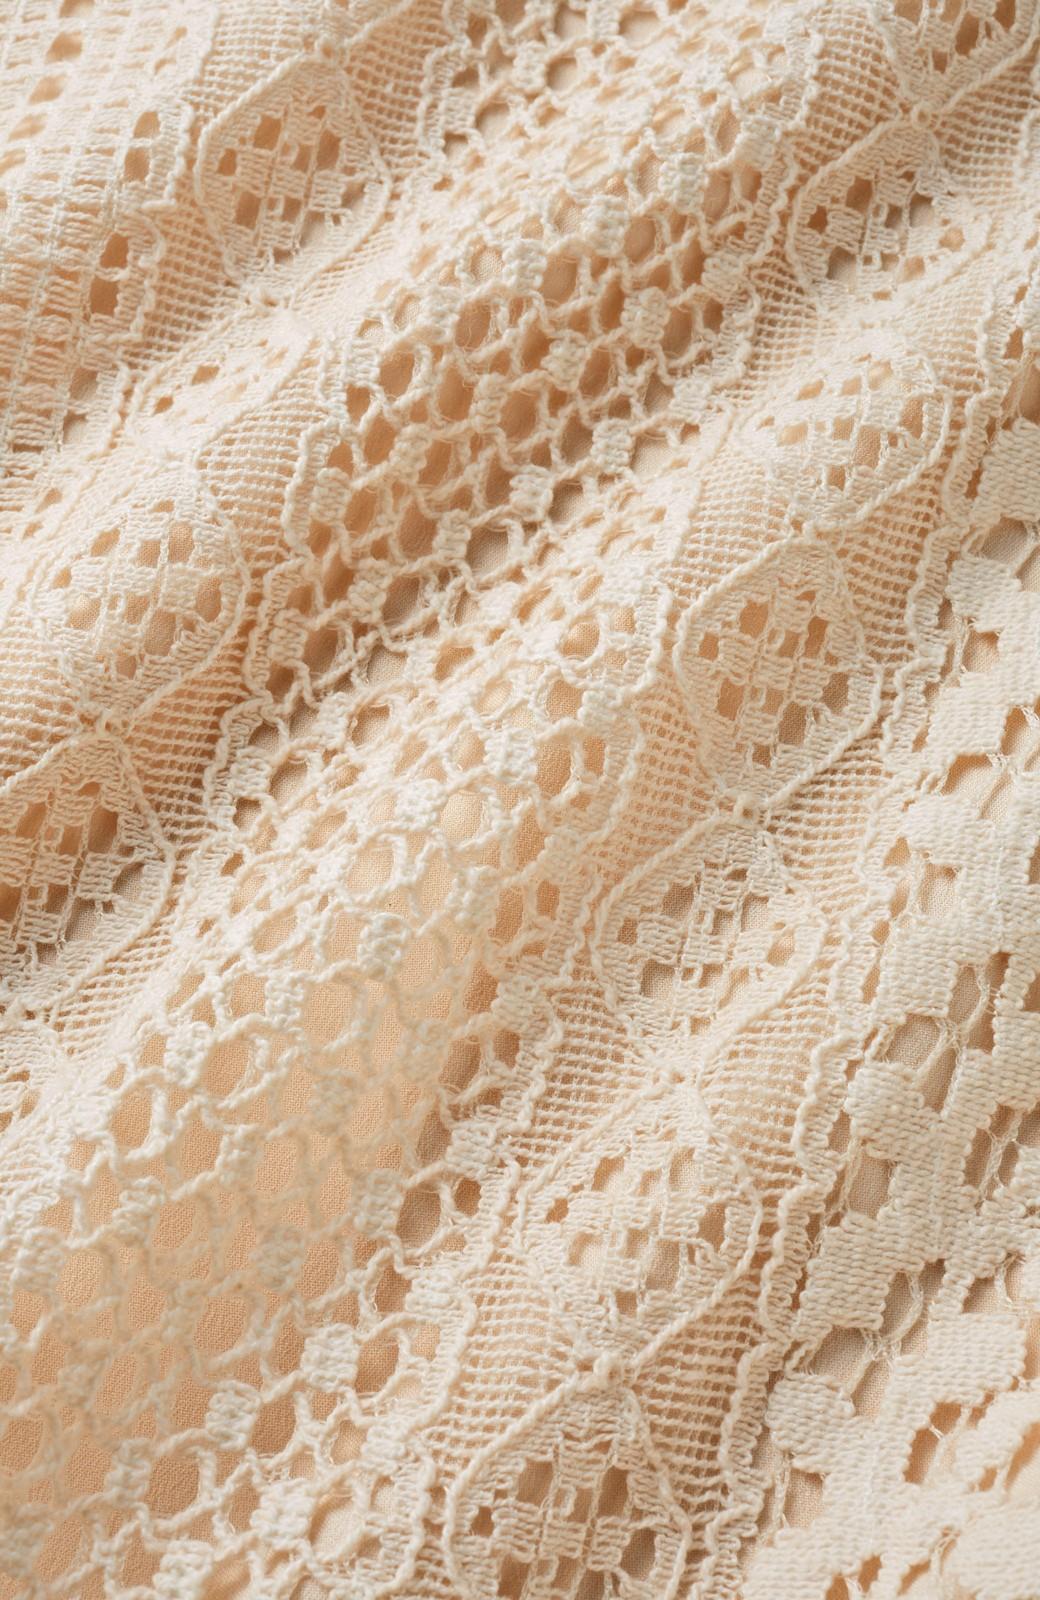 nusy 【mer6月号掲載】リバーシブルで着やすい 梅にうぐいす刺しゅうの華やかブルゾン <ピンクベージュ>の商品写真5